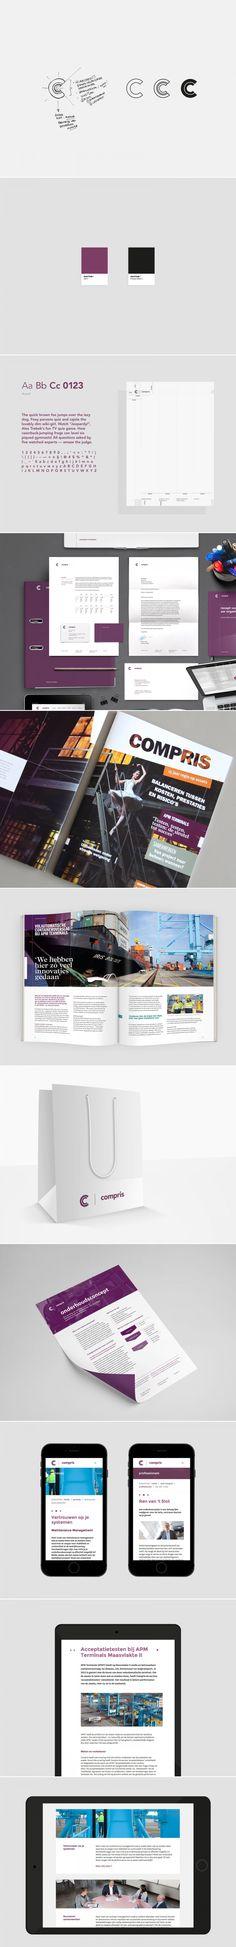 Visual identity for Compris.  -- Opdracht: ontwikkeling van de visuele identiteit van Compris, een magazine voor relaties, ontwikkeling van de nieuwe website en uitwerking van stationery (briefpapier, visitekaartjes, productsheets).